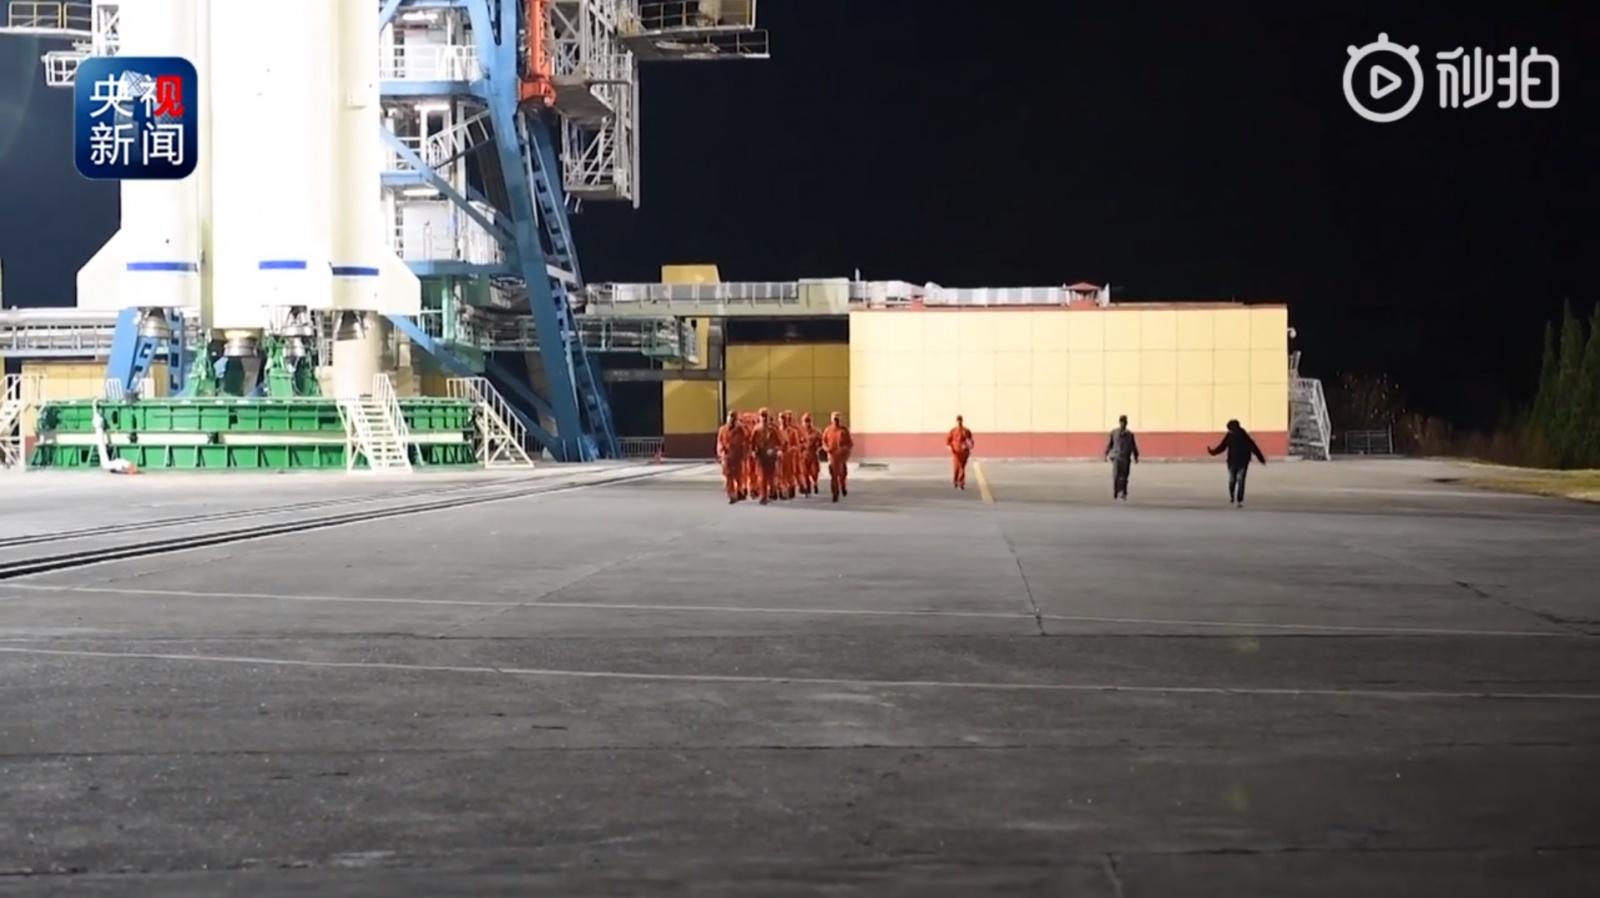 Суровая рабочая реальность — Китайский космодром Сичан (Xichang Satellite Launch Center — XSLC) - 101